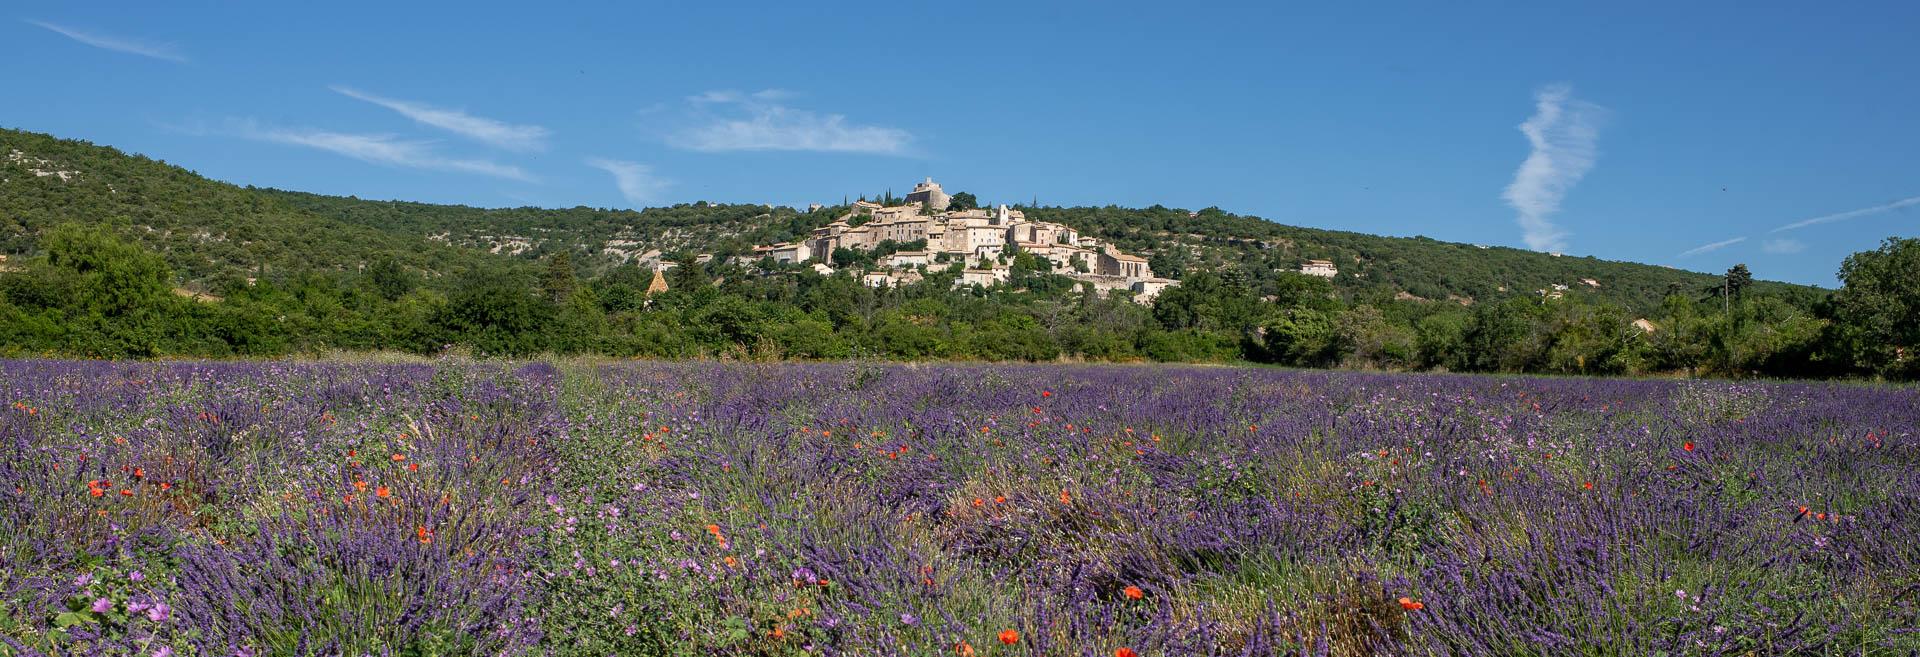 La vue du Domaine Cassan sur le village perché de Simiane La Rotonde dans le 04 avec ses champs de lavande en fleur